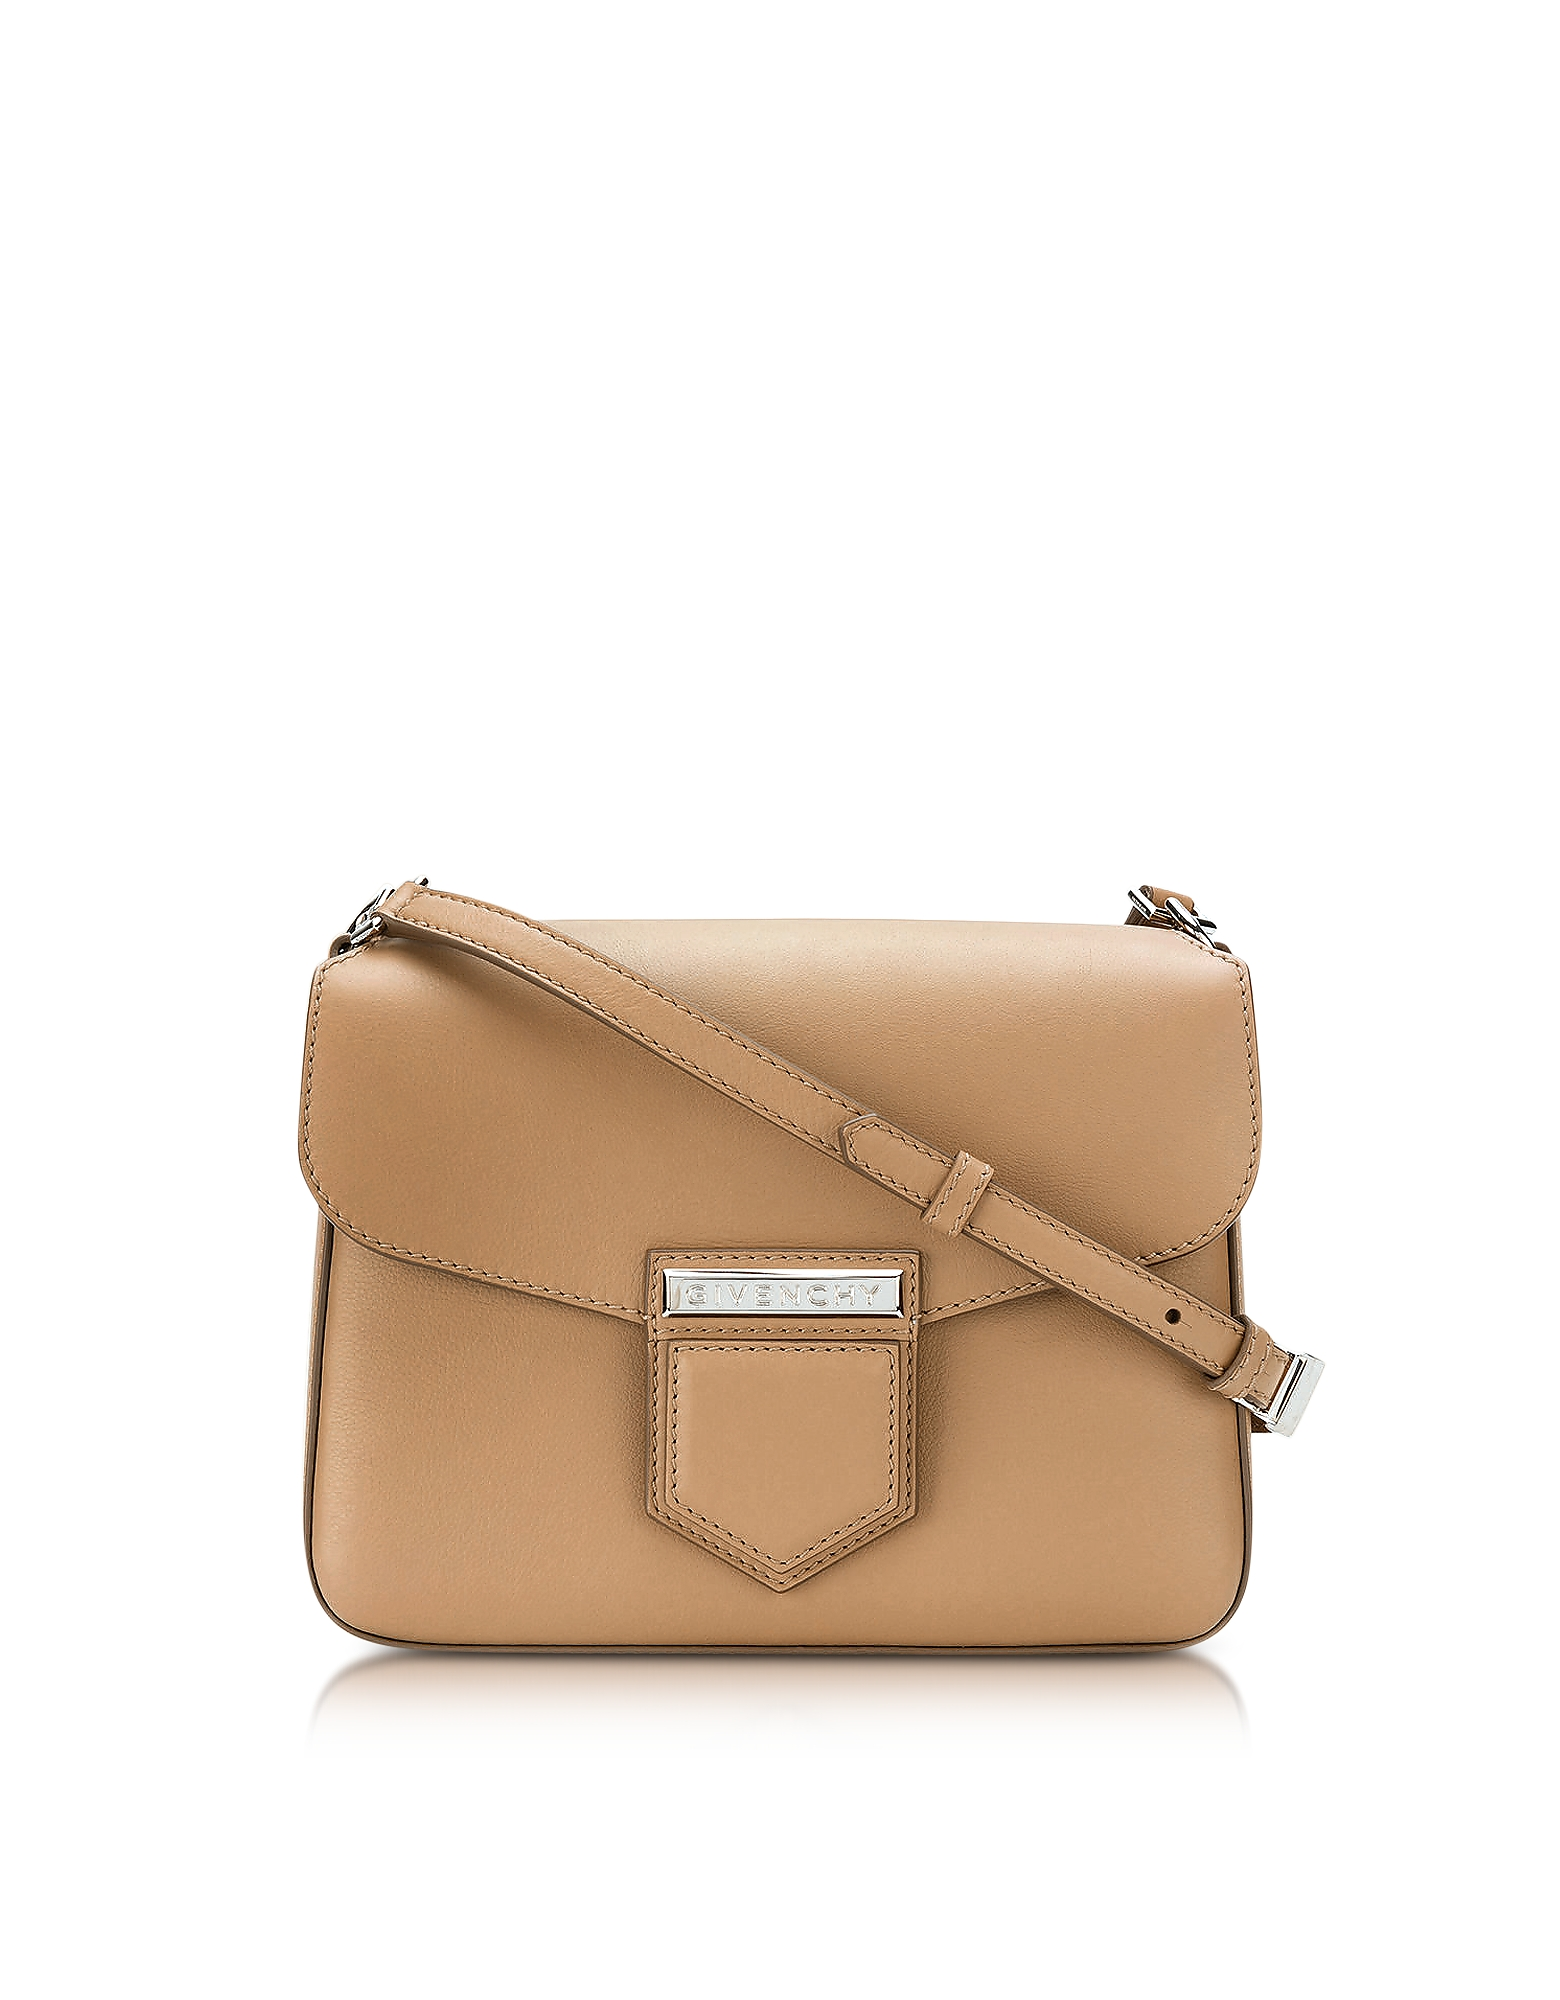 Фото Nobile Small Beige Leather Shoulder Bag. Купить с доставкой